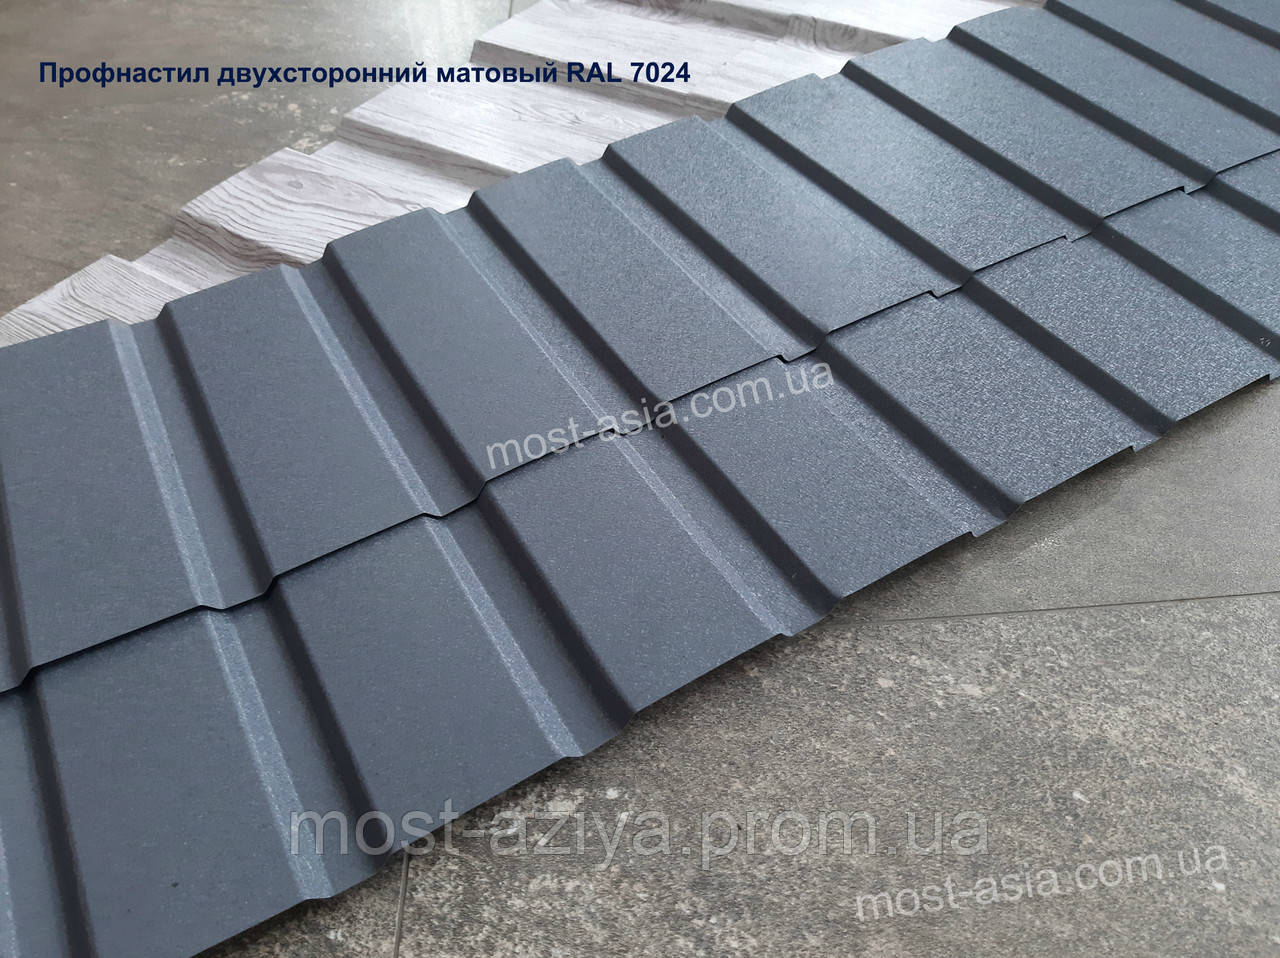 Профнастил двухсторонний темно серый ral 7024 матовый, Профлист темно-серый (графитовый) двухсторонний матовый